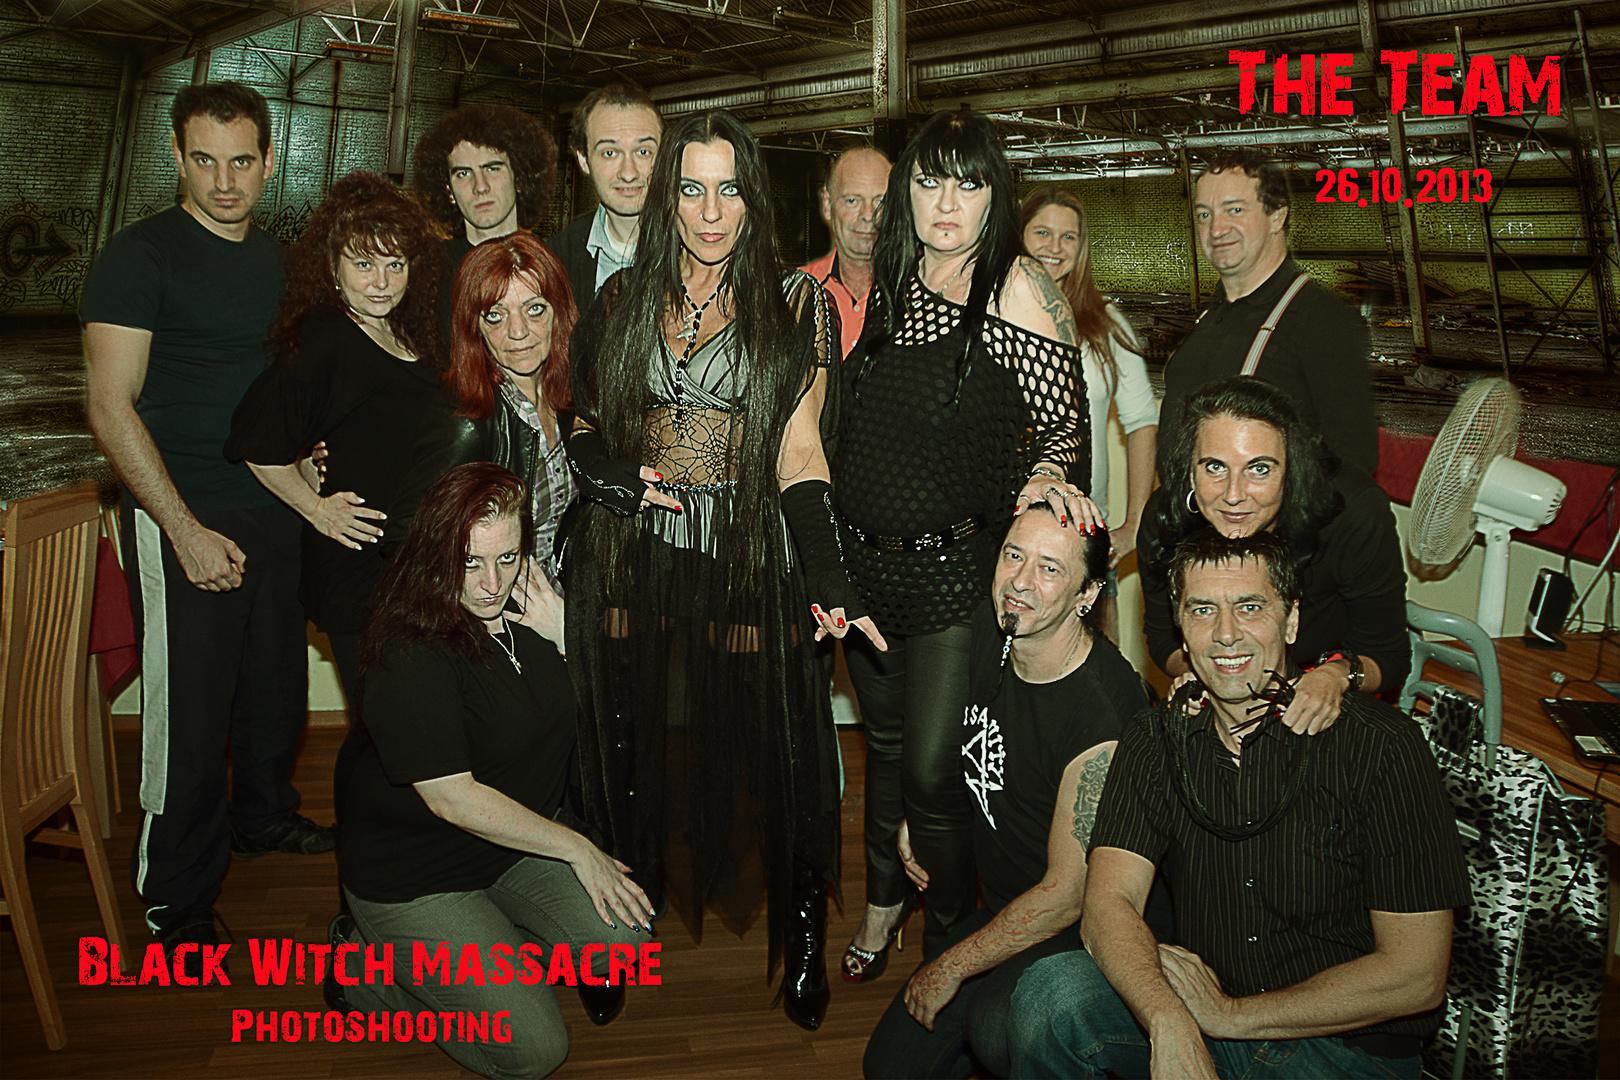 Unser Team beim Fotoshooting vom 26.10.2013